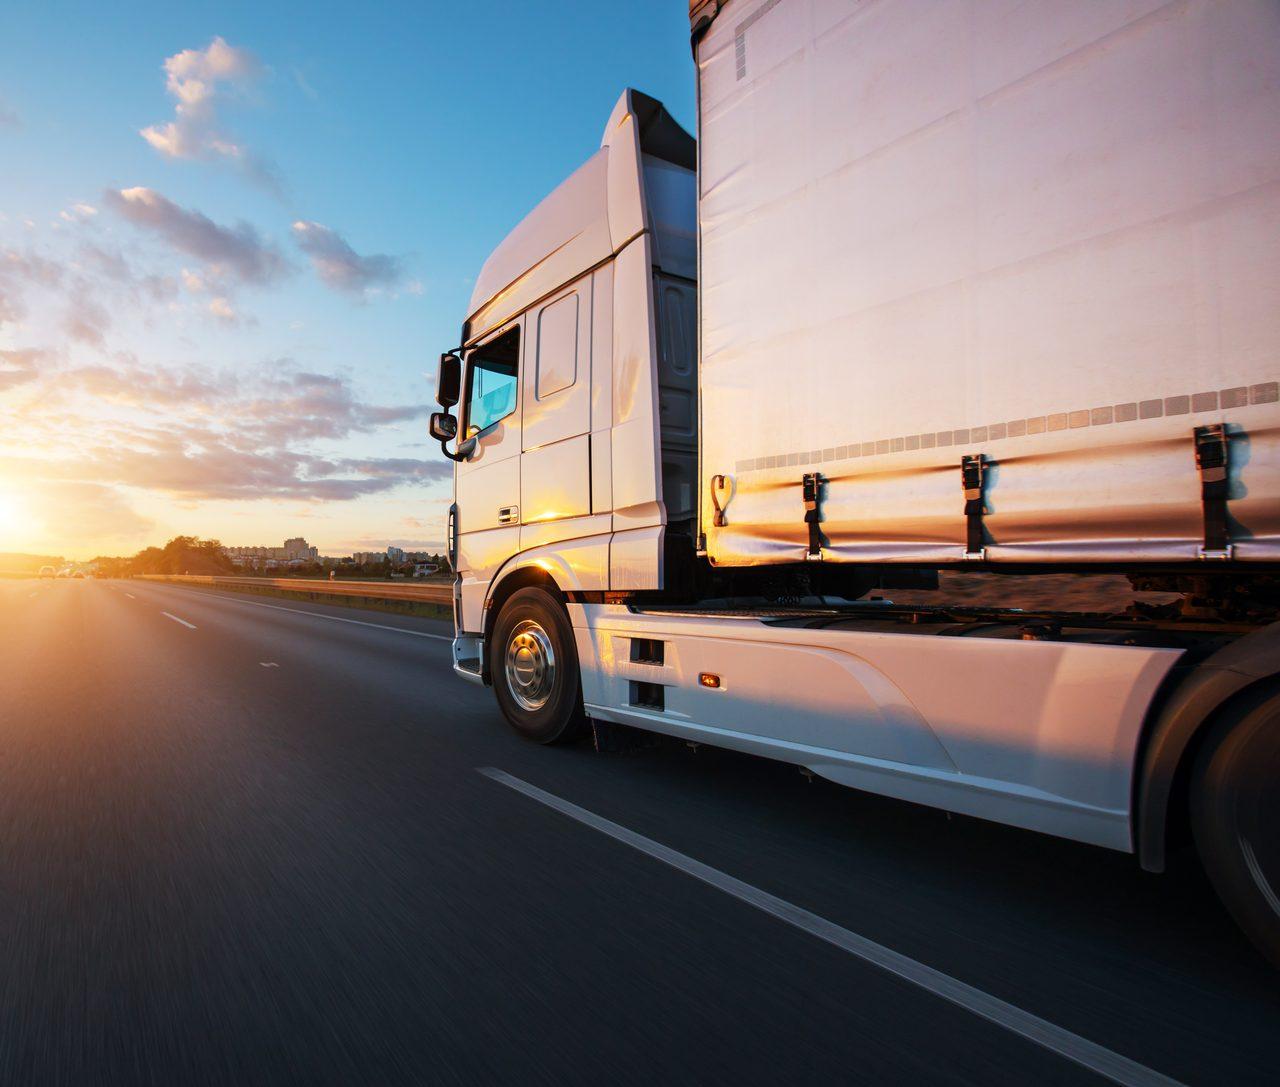 Land vehicle, Automotive tire, Wheel, Sky, Cloud, Truck, Plant